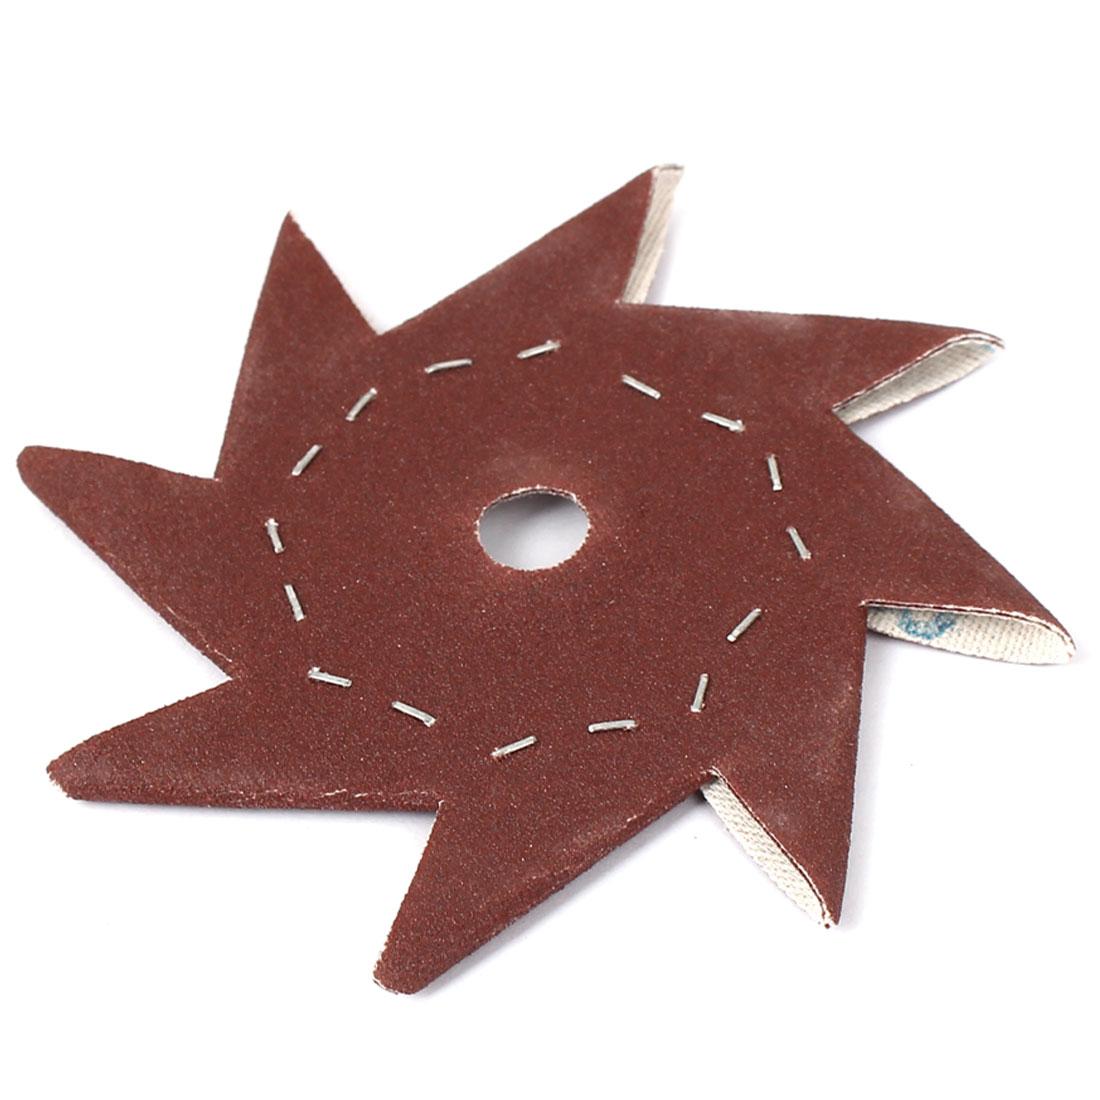 """4"""" 240 Grit Pinwheel Shaped Abrasive Sheet Sanding Buffing Tool"""